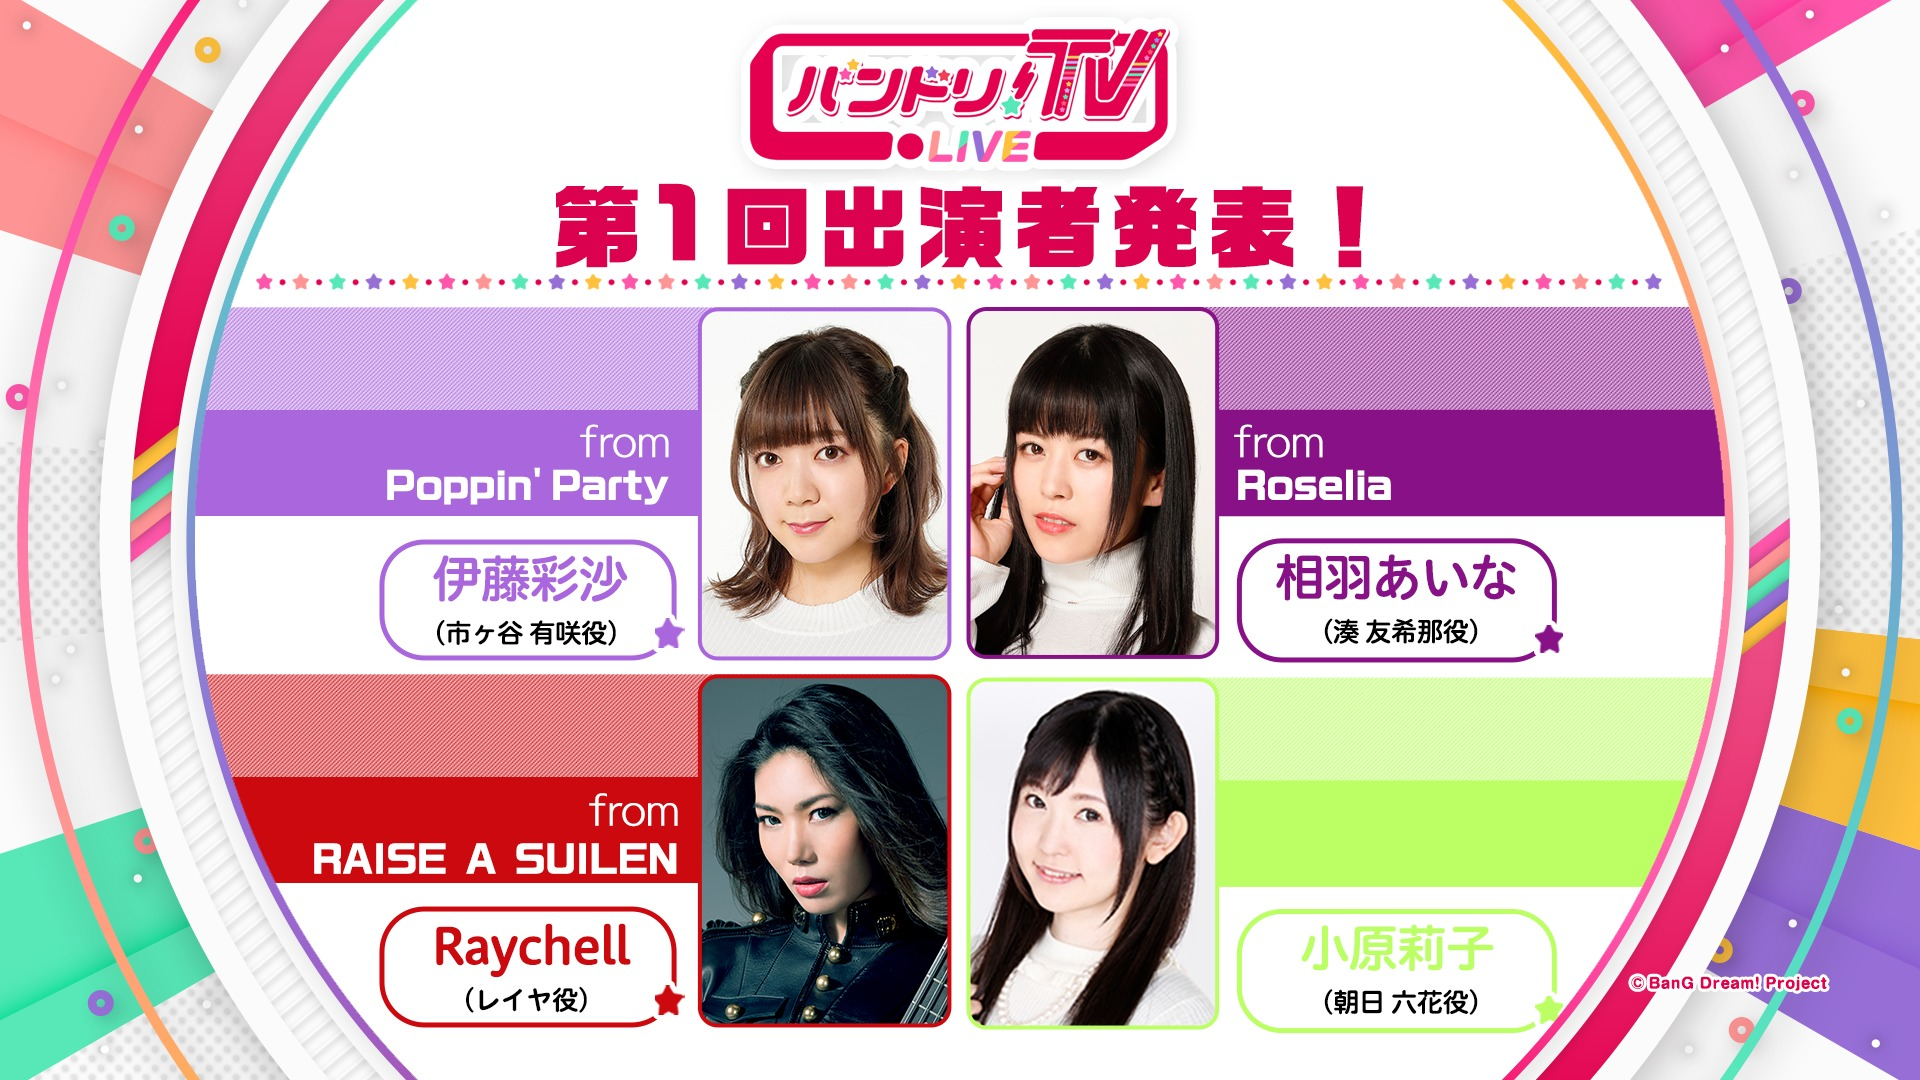 『バンドリ!TV LIVE 2020』 (C)BanG Dream! Project